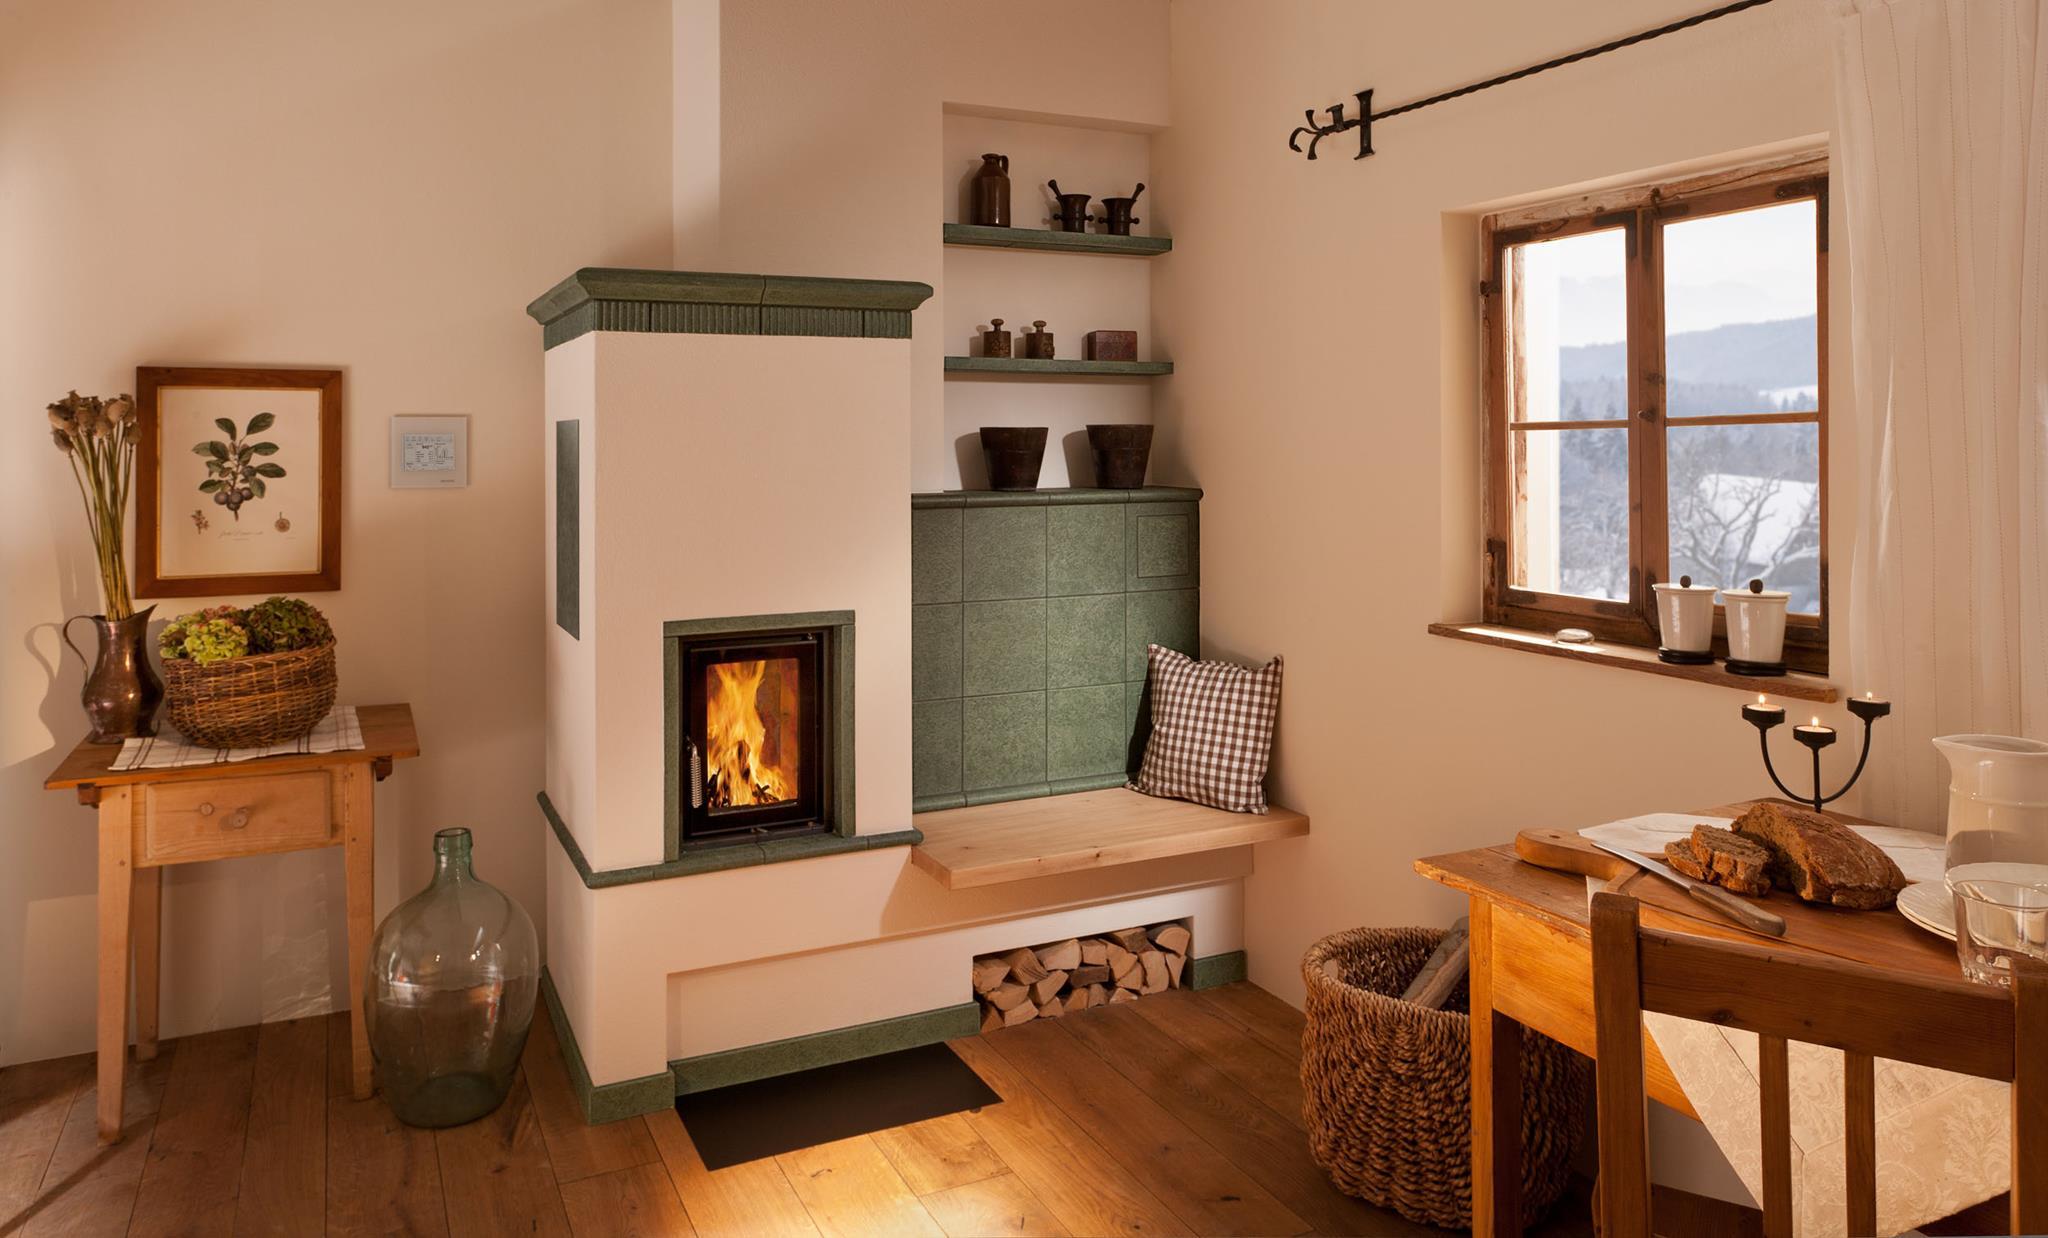 kachel fen modern. Black Bedroom Furniture Sets. Home Design Ideas